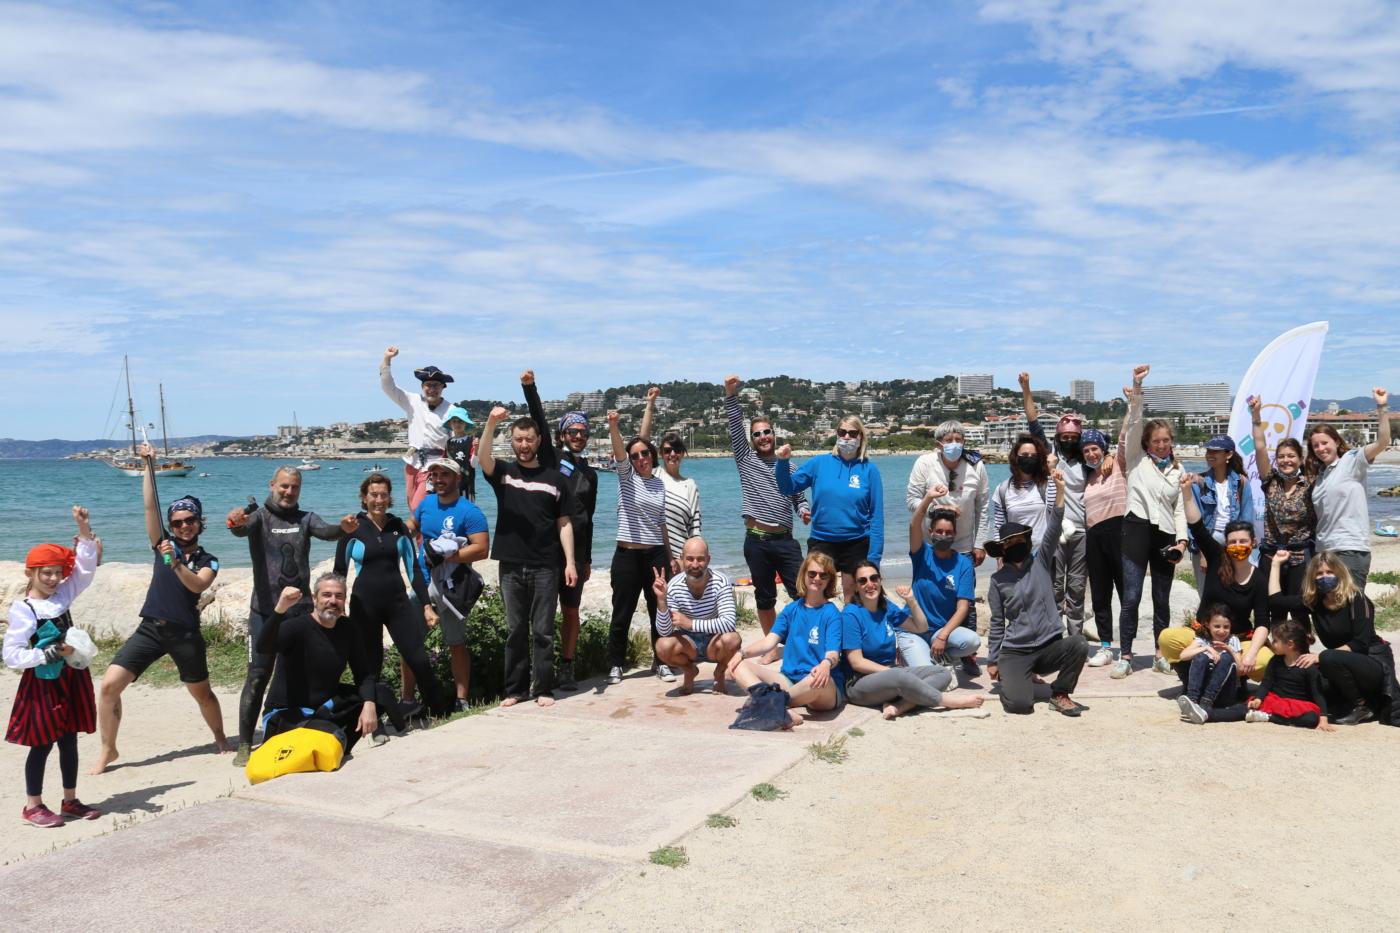 , Sur les plages du Prado, les pirates du plastique amassent un butin de 36 kilos de déchets, Made in Marseille